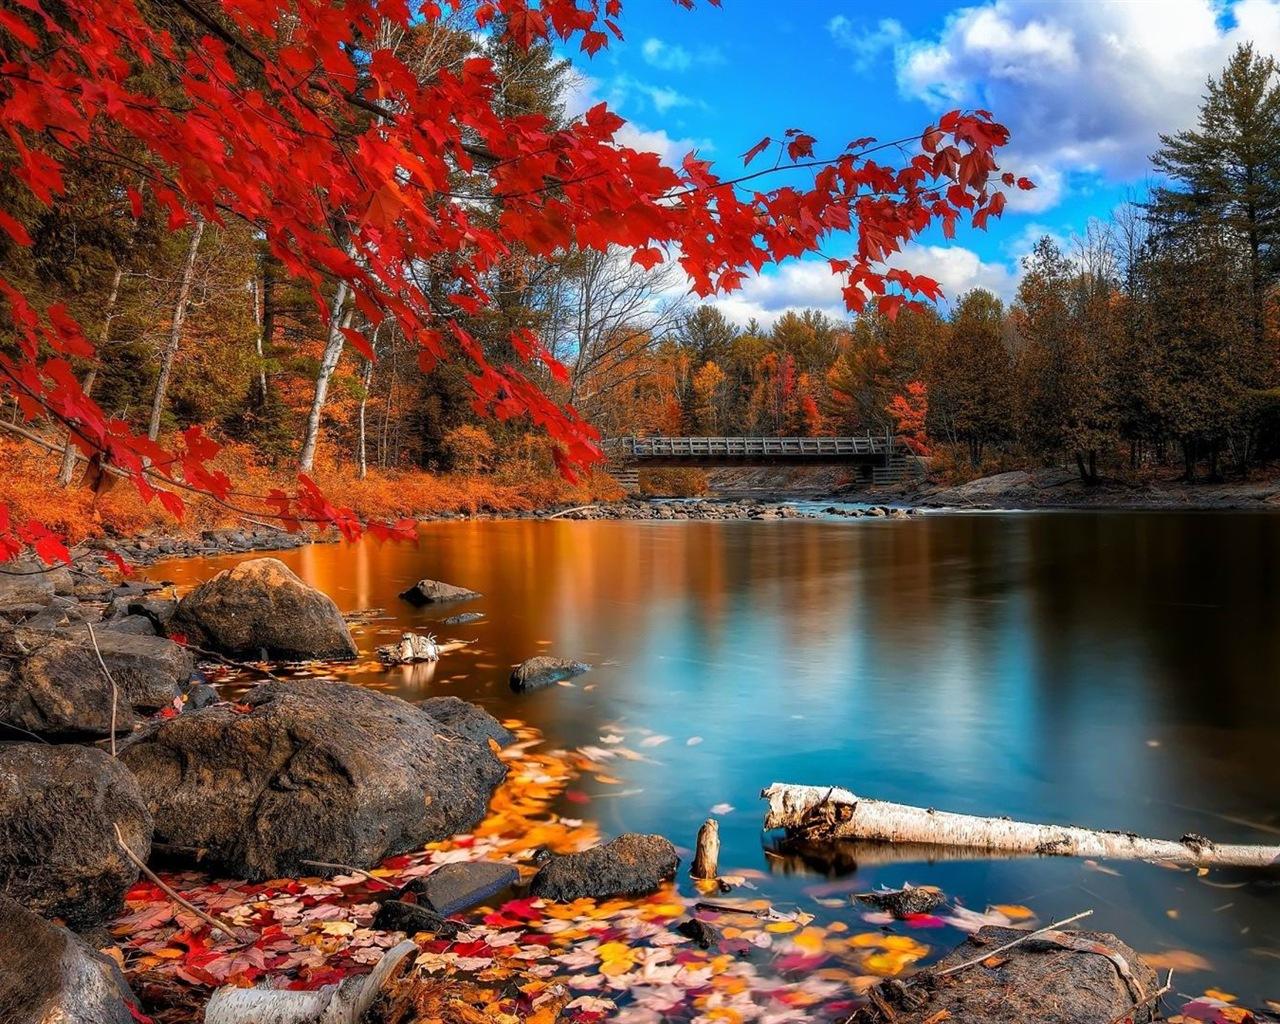 ウィンドウズ8 1テーマのhd壁紙 美しい秋の紅葉 13 1280x1024 壁紙ダウンロード ウィンドウズ8 1テーマのhd壁紙 美しい秋の紅葉 システム 壁紙 V3の壁紙